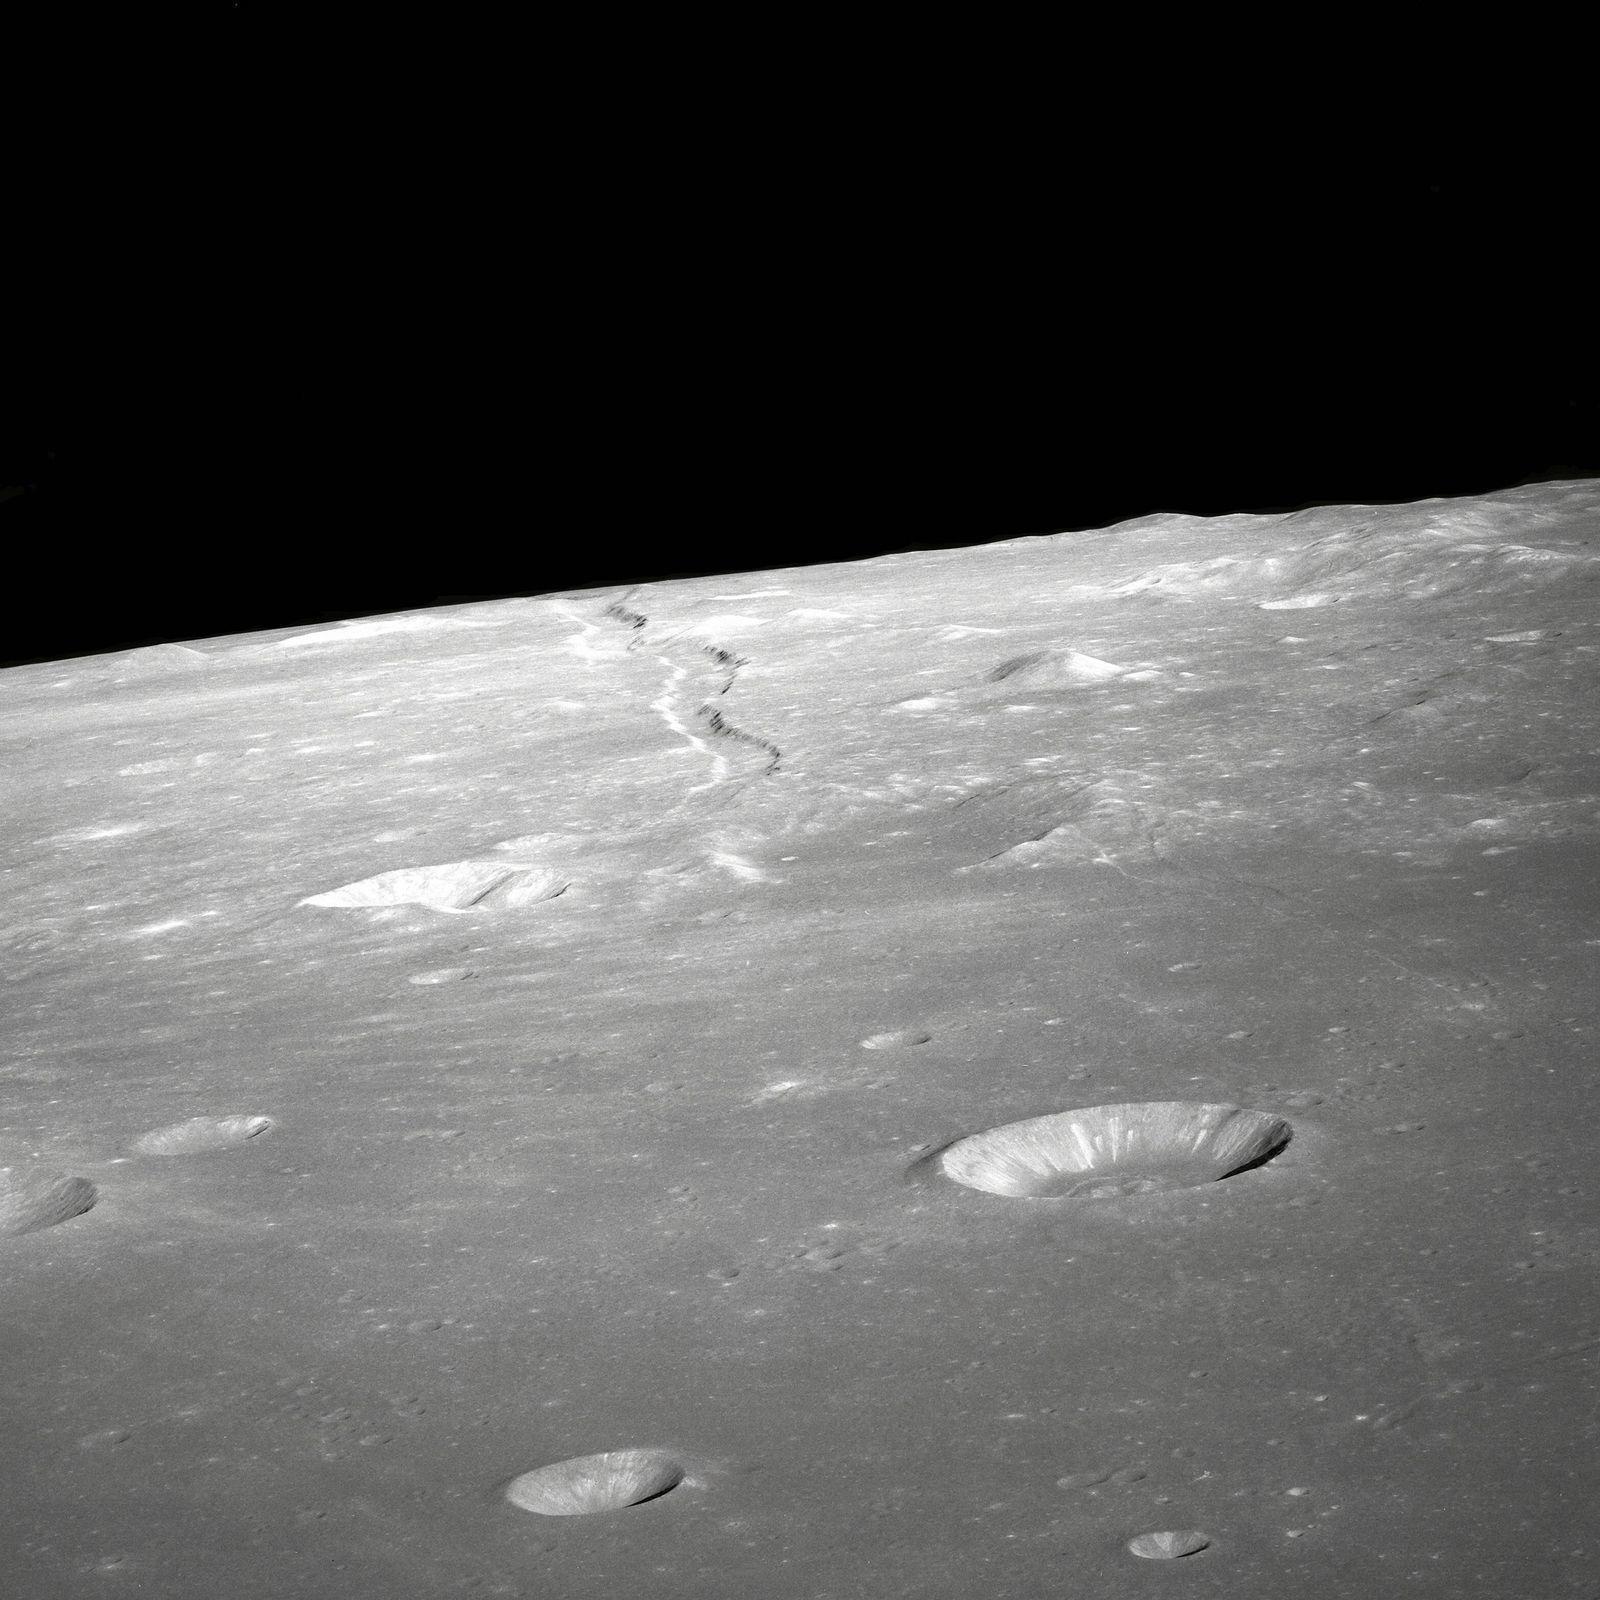 EINMALIGE VERWENDUNG Meteoriten schlagen j??hrlich 200 Tonnen Wasser aus dem Mond